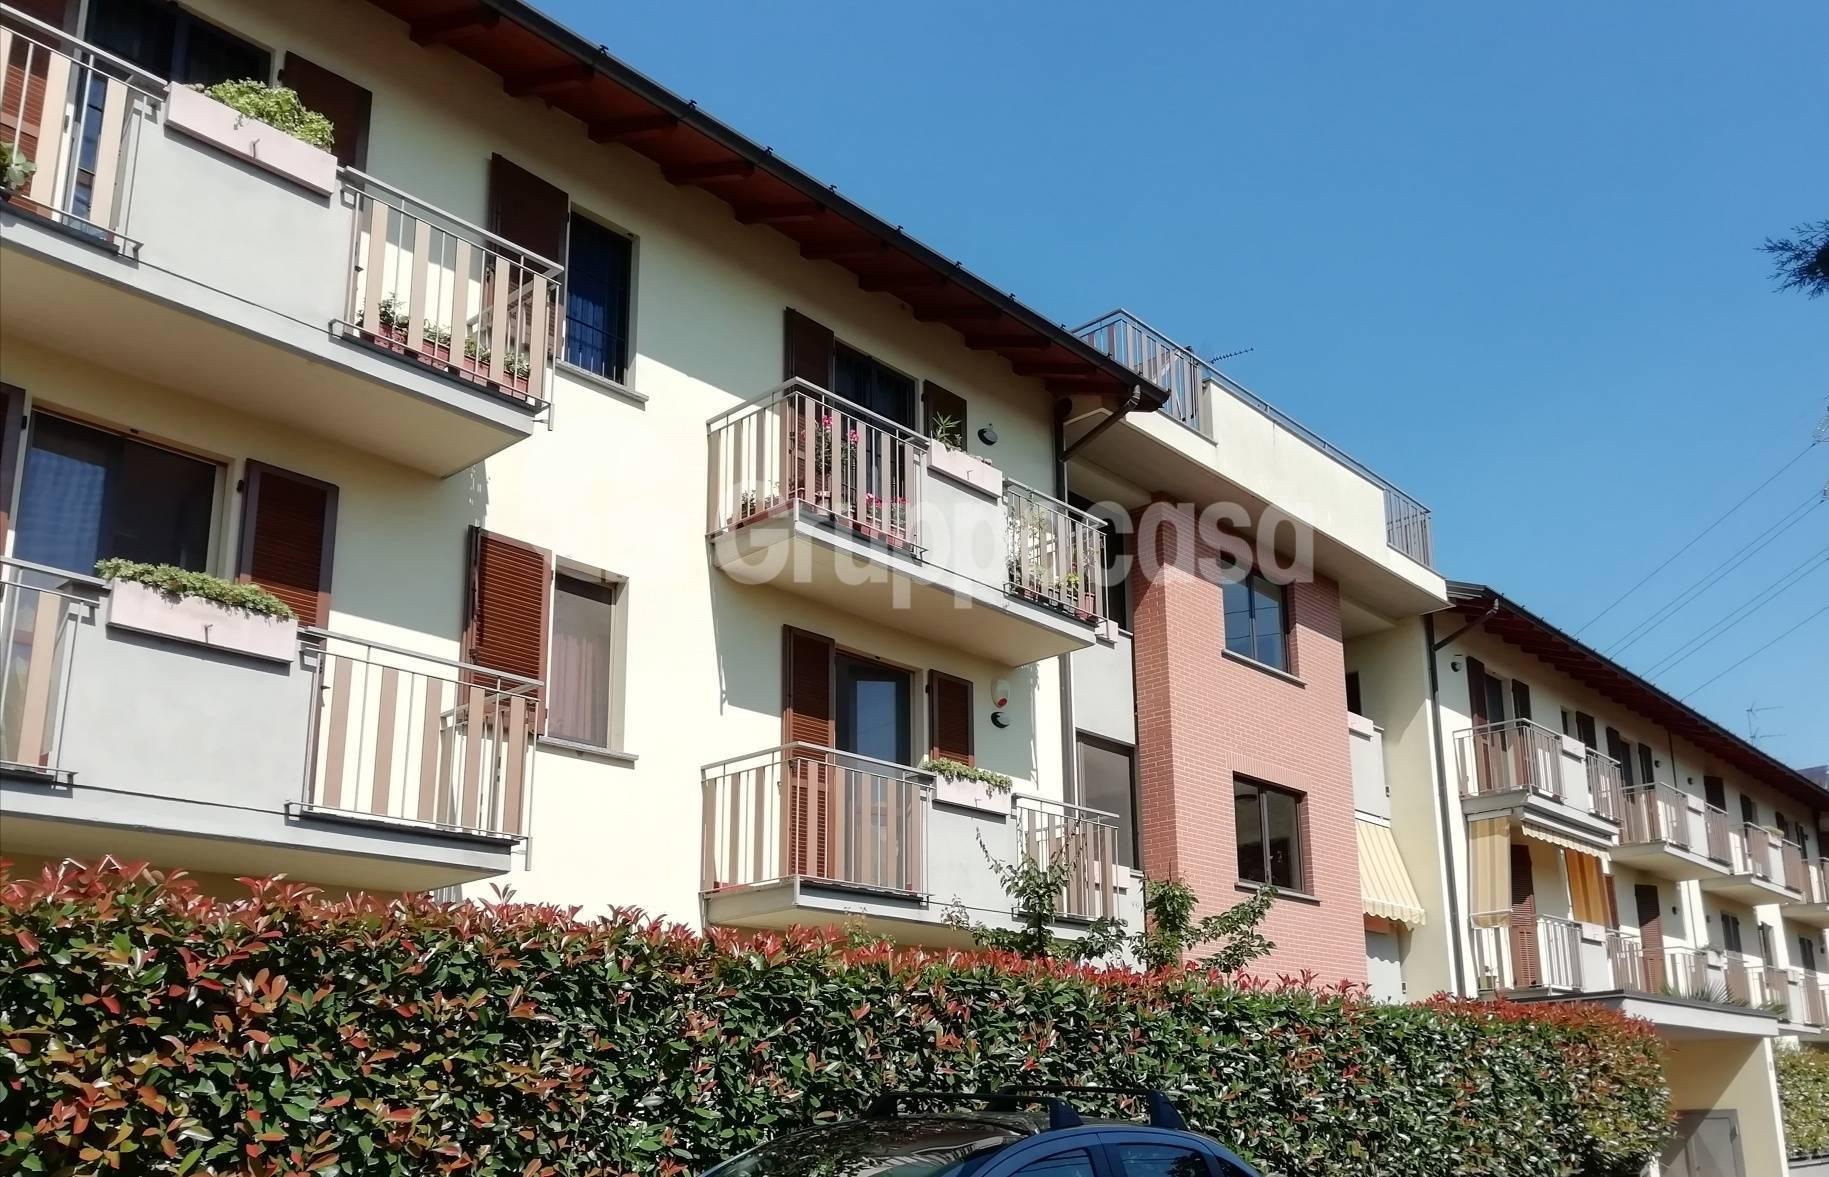 Appartamento in vendita a Corbetta, 3 locali, prezzo € 169.000 | PortaleAgenzieImmobiliari.it